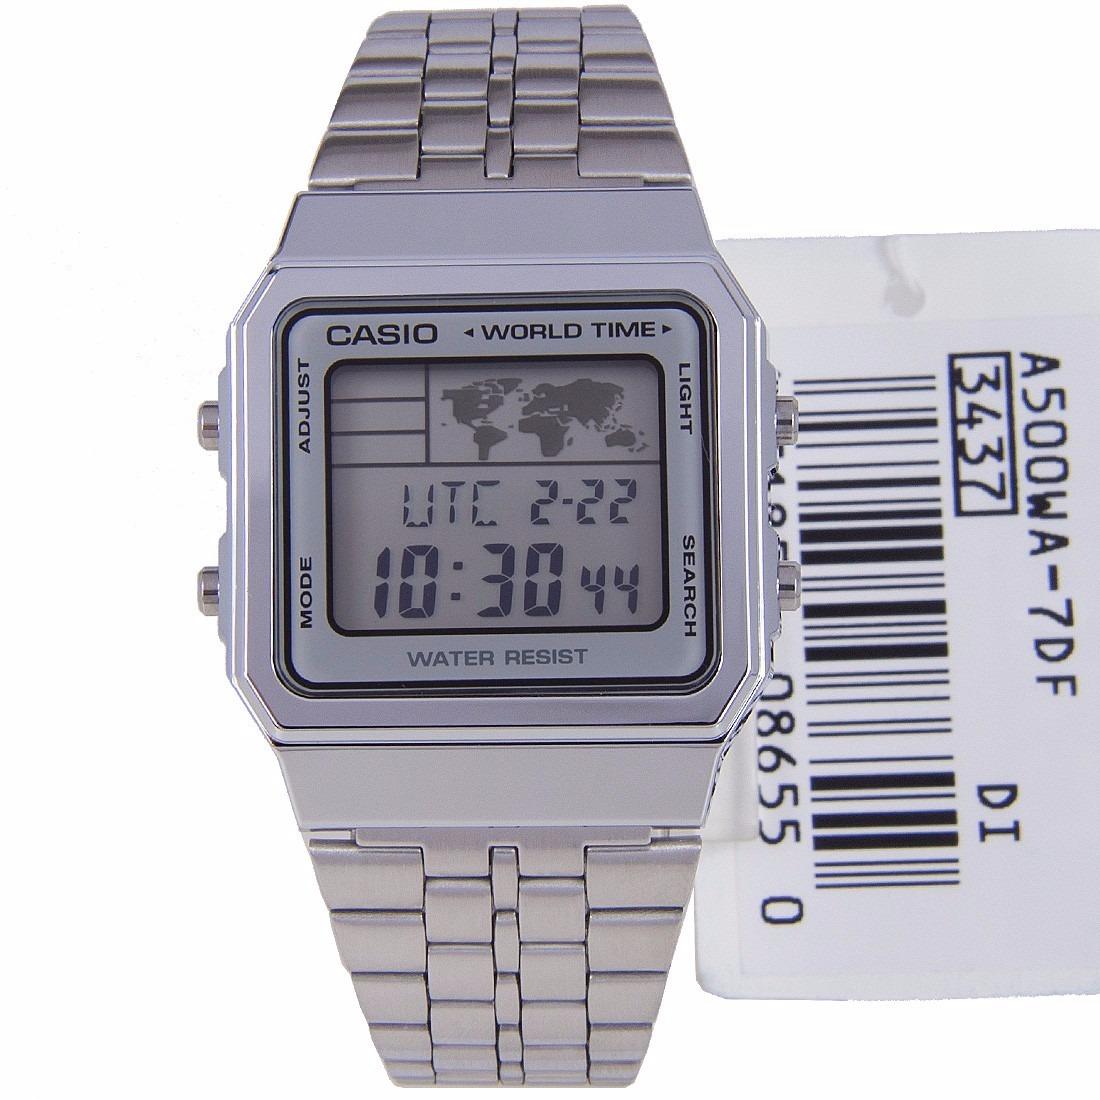 ed44f338e7ad reloj casio retro modelo a 500wa 7df autentico original. Cargando zoom.